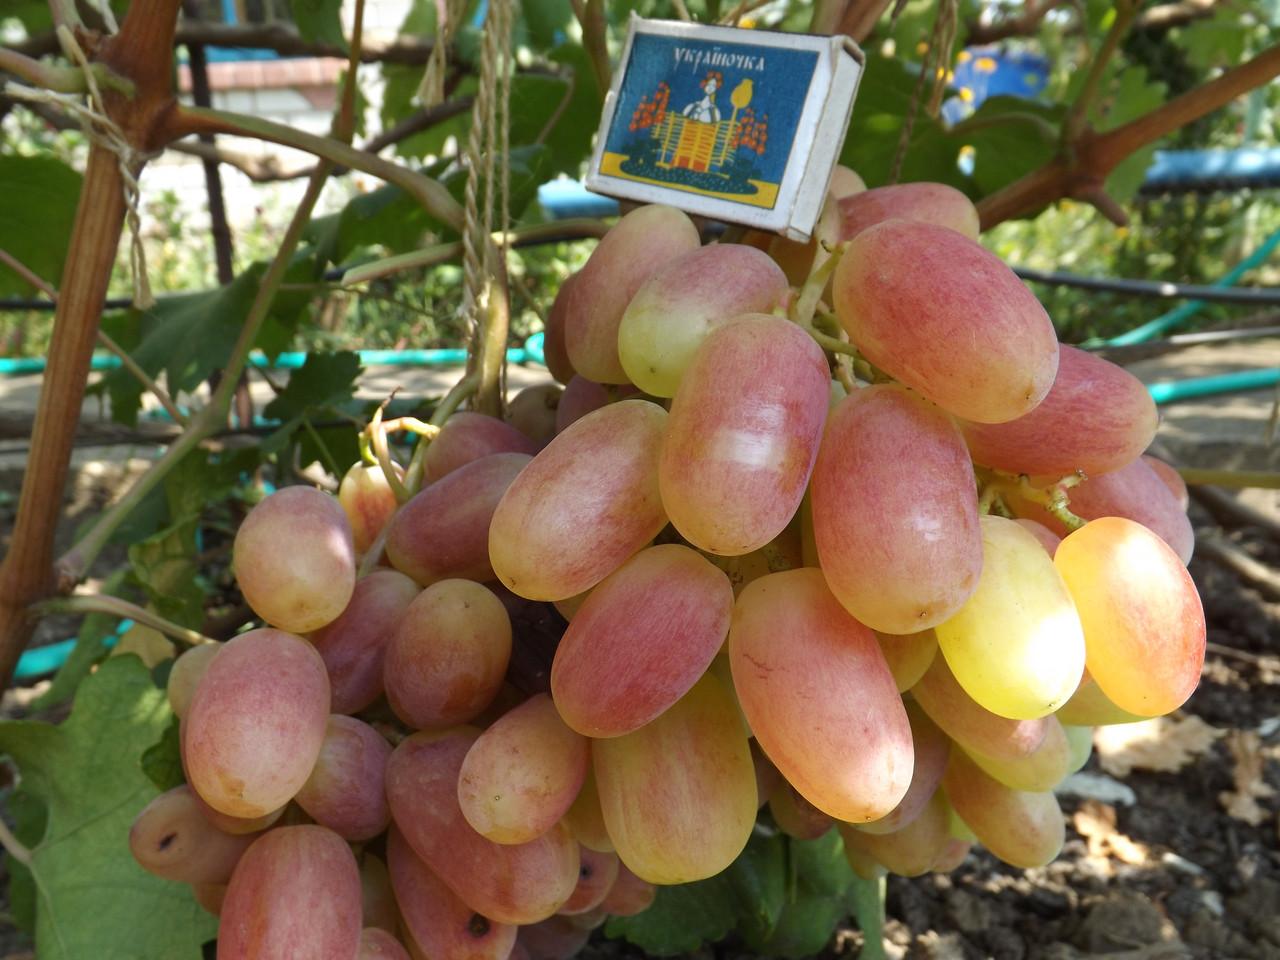 Сорта винограда для подмосковья - 20 самых лучших и вкусных, ранние, морозостойкие, неукрывные,технические,кишмиш, отзывы,выращивание и уход